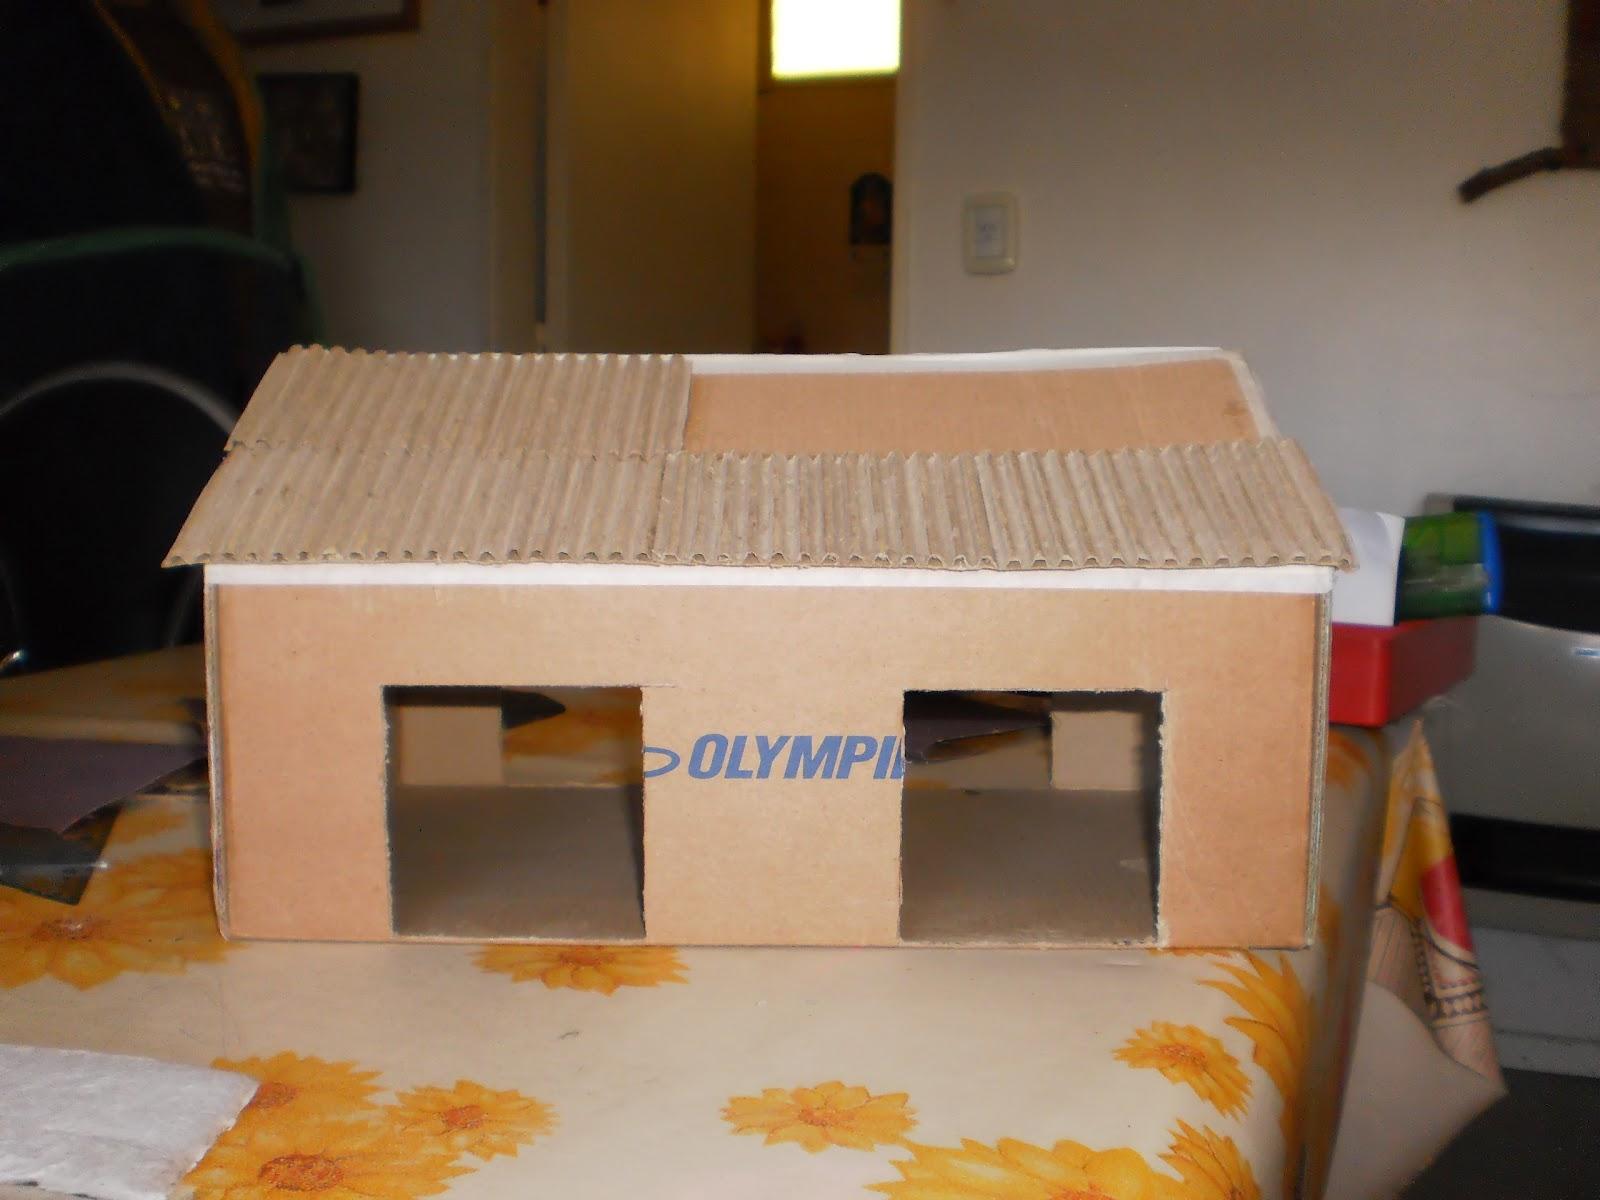 Top como hacer un techo de madera wallpapers - Techo de madera ...